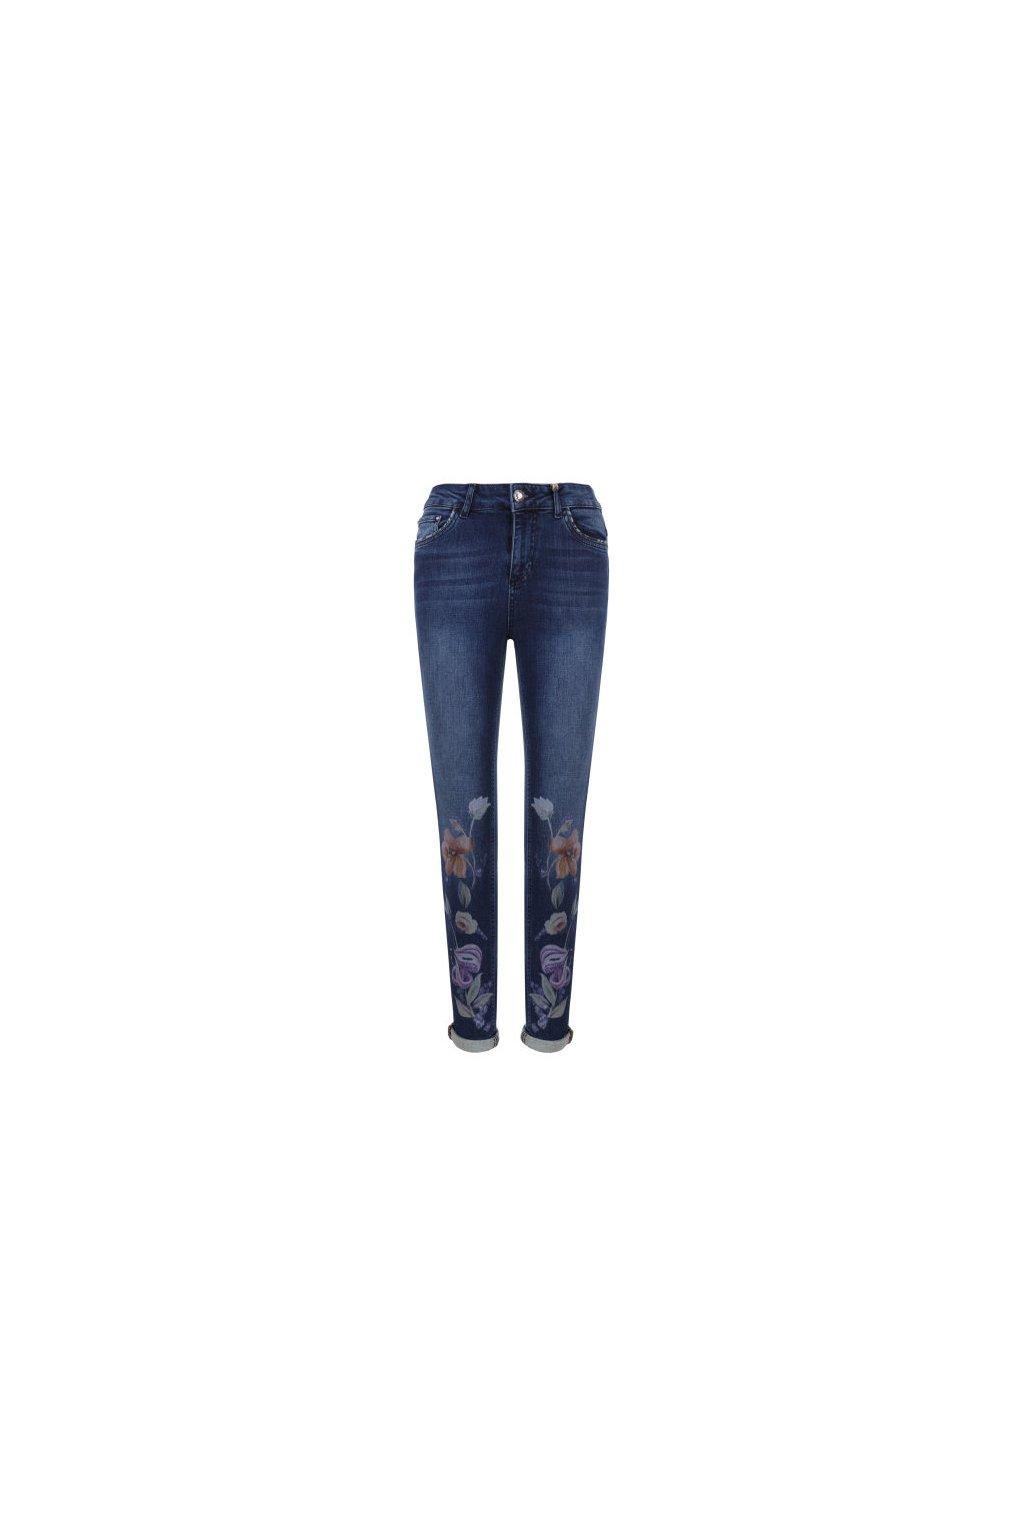 Dámské kalhoty Desigual 17WWDD21/5053